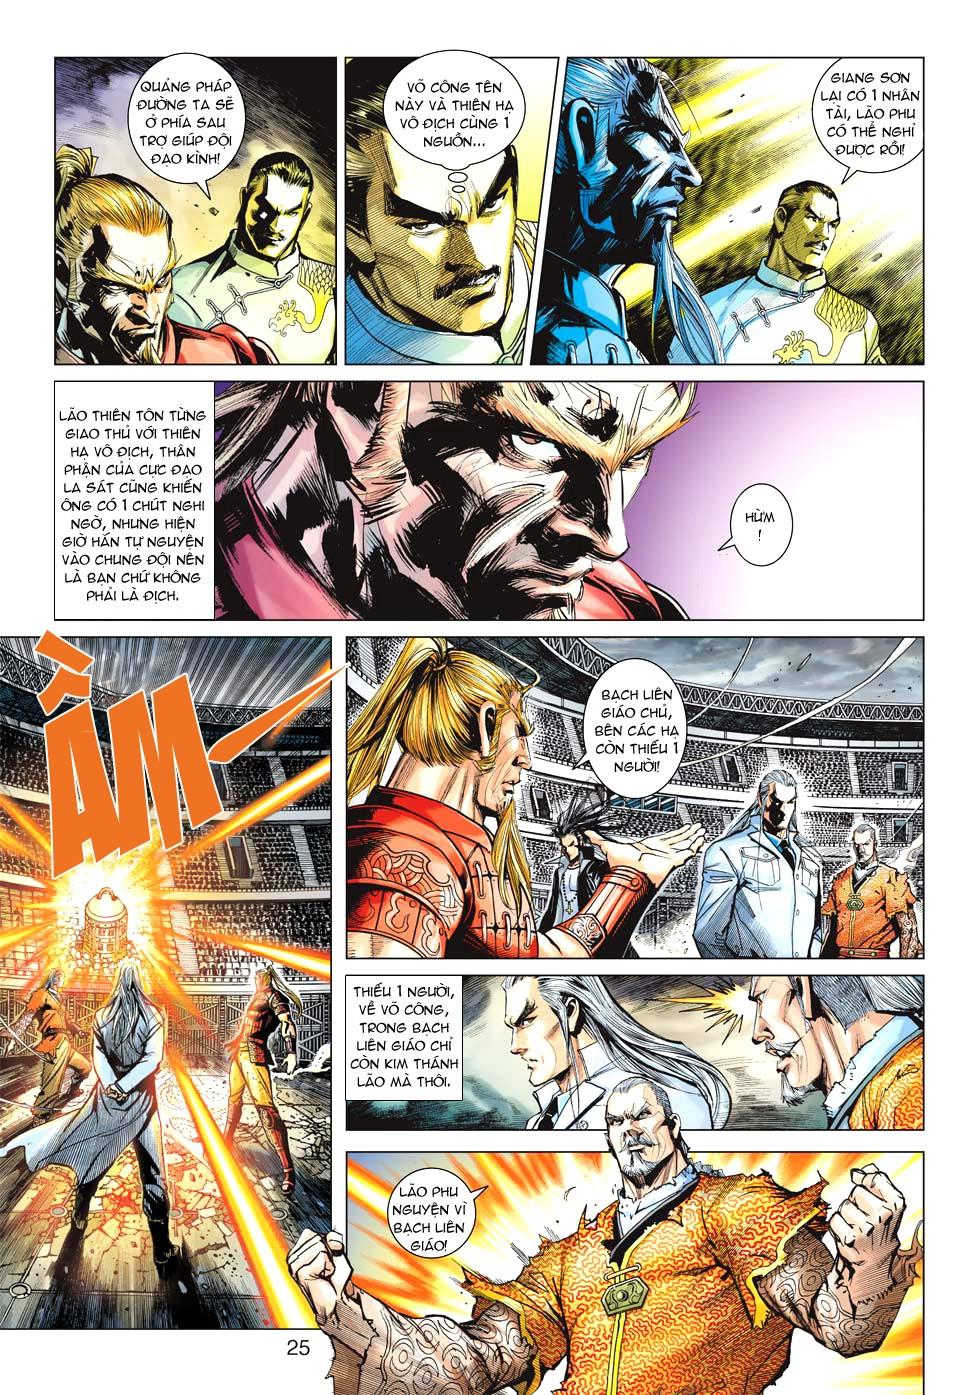 Vương Phong Lôi 1 chap 27 - Trang 22